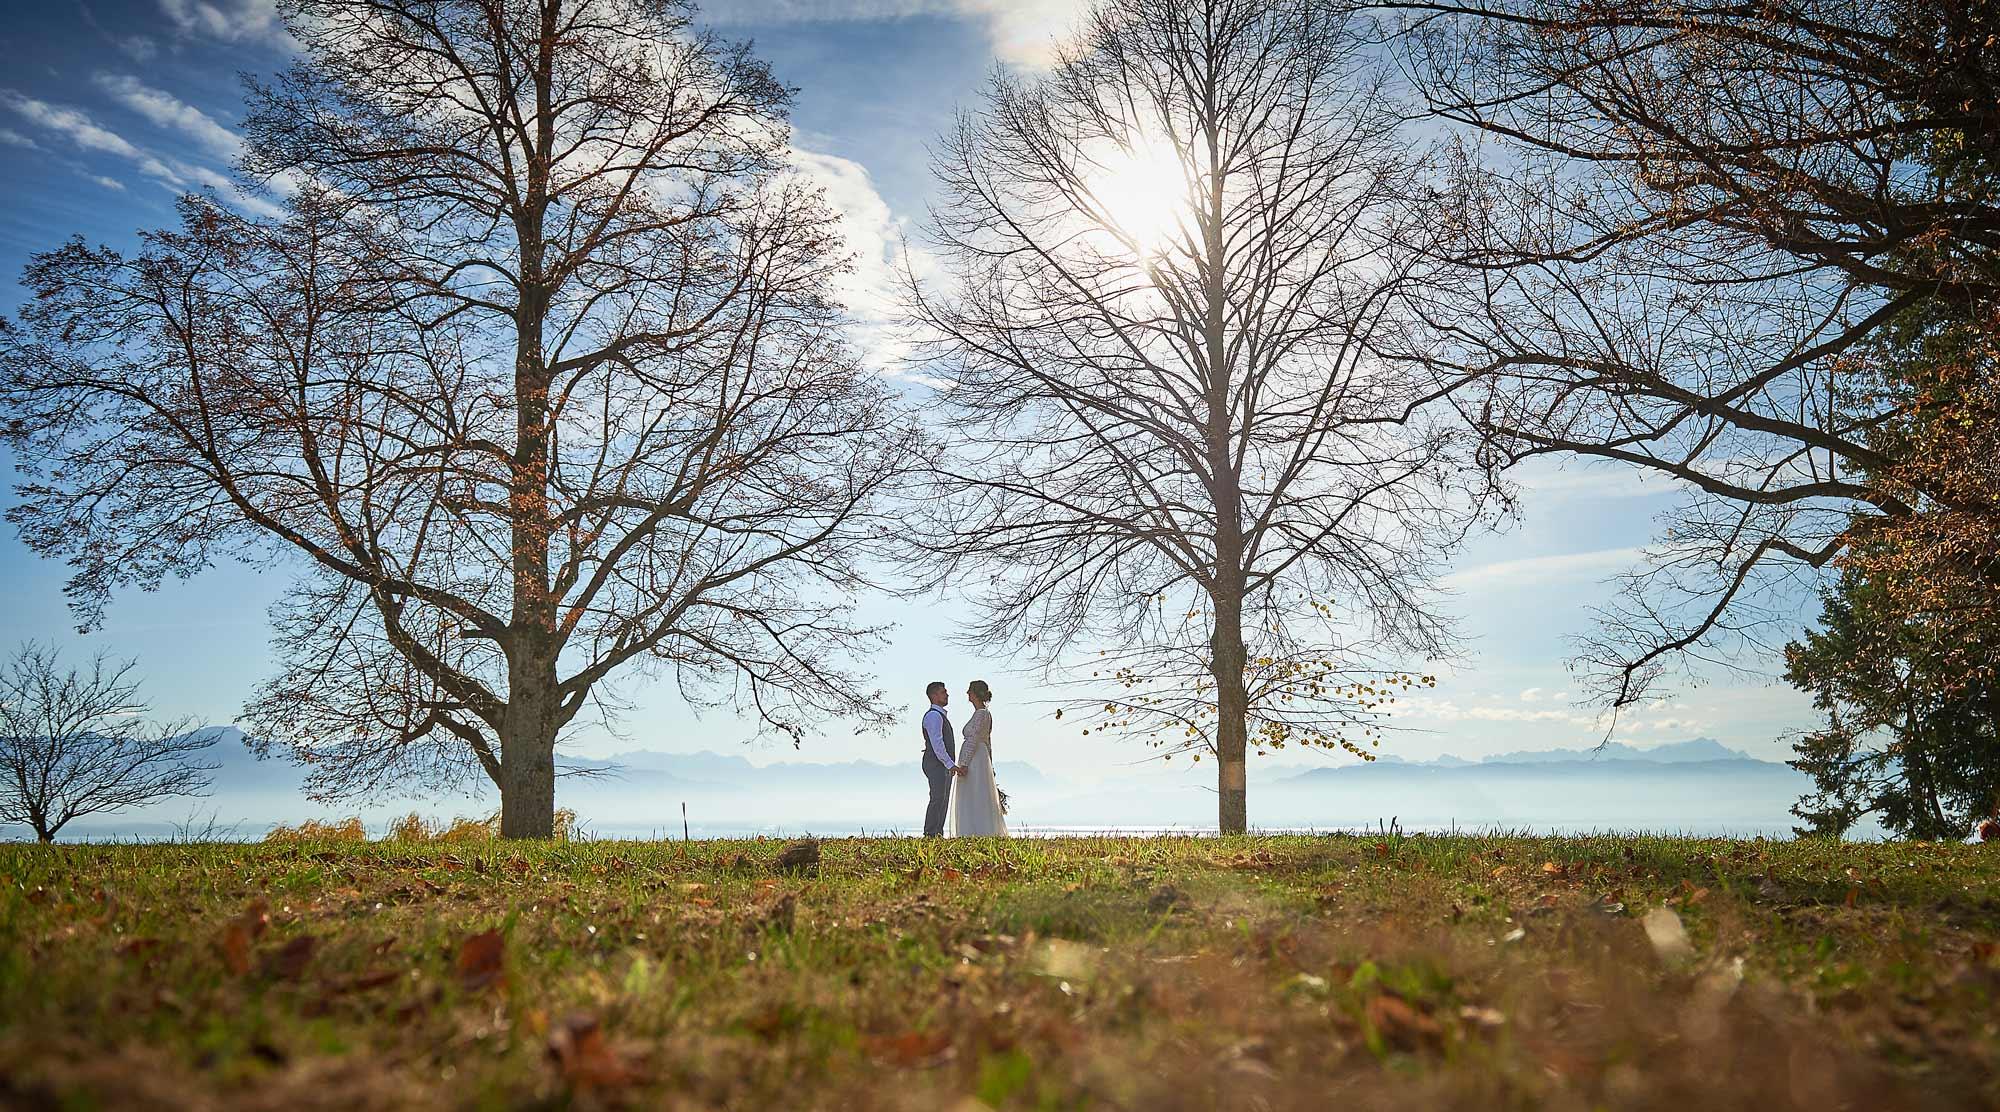 Gloria_und_Lukas_Fischer_Hochzeit_-501-1